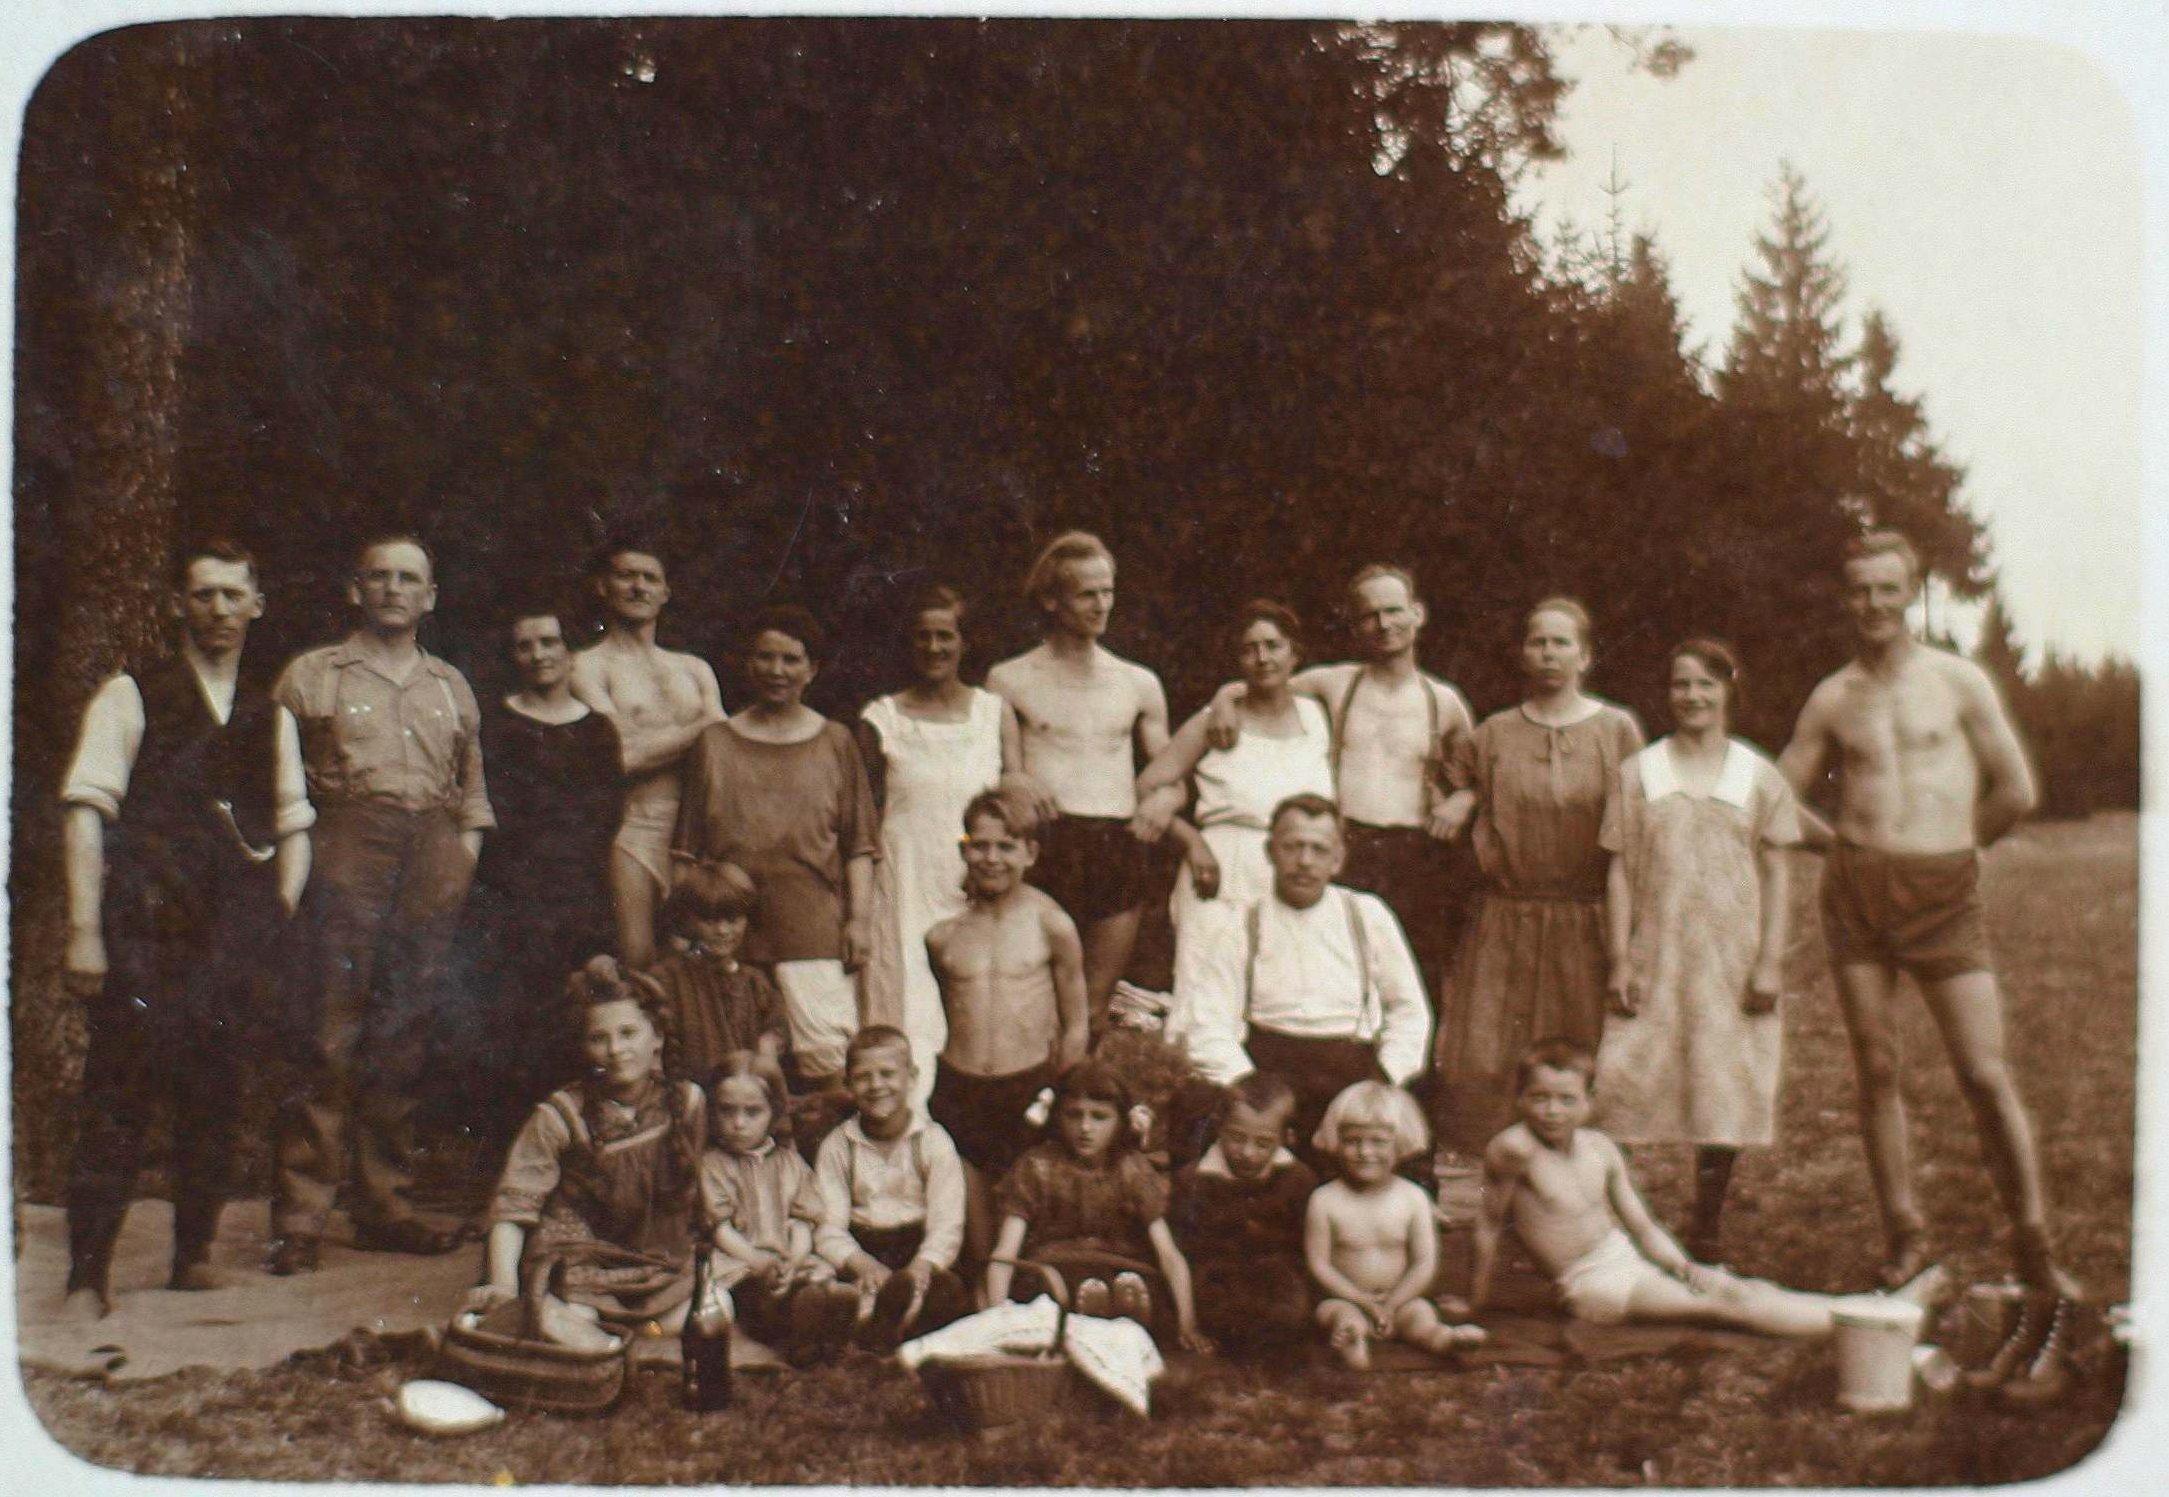 Gruppenfoto des Hüttenvereins, 1920er Jahre